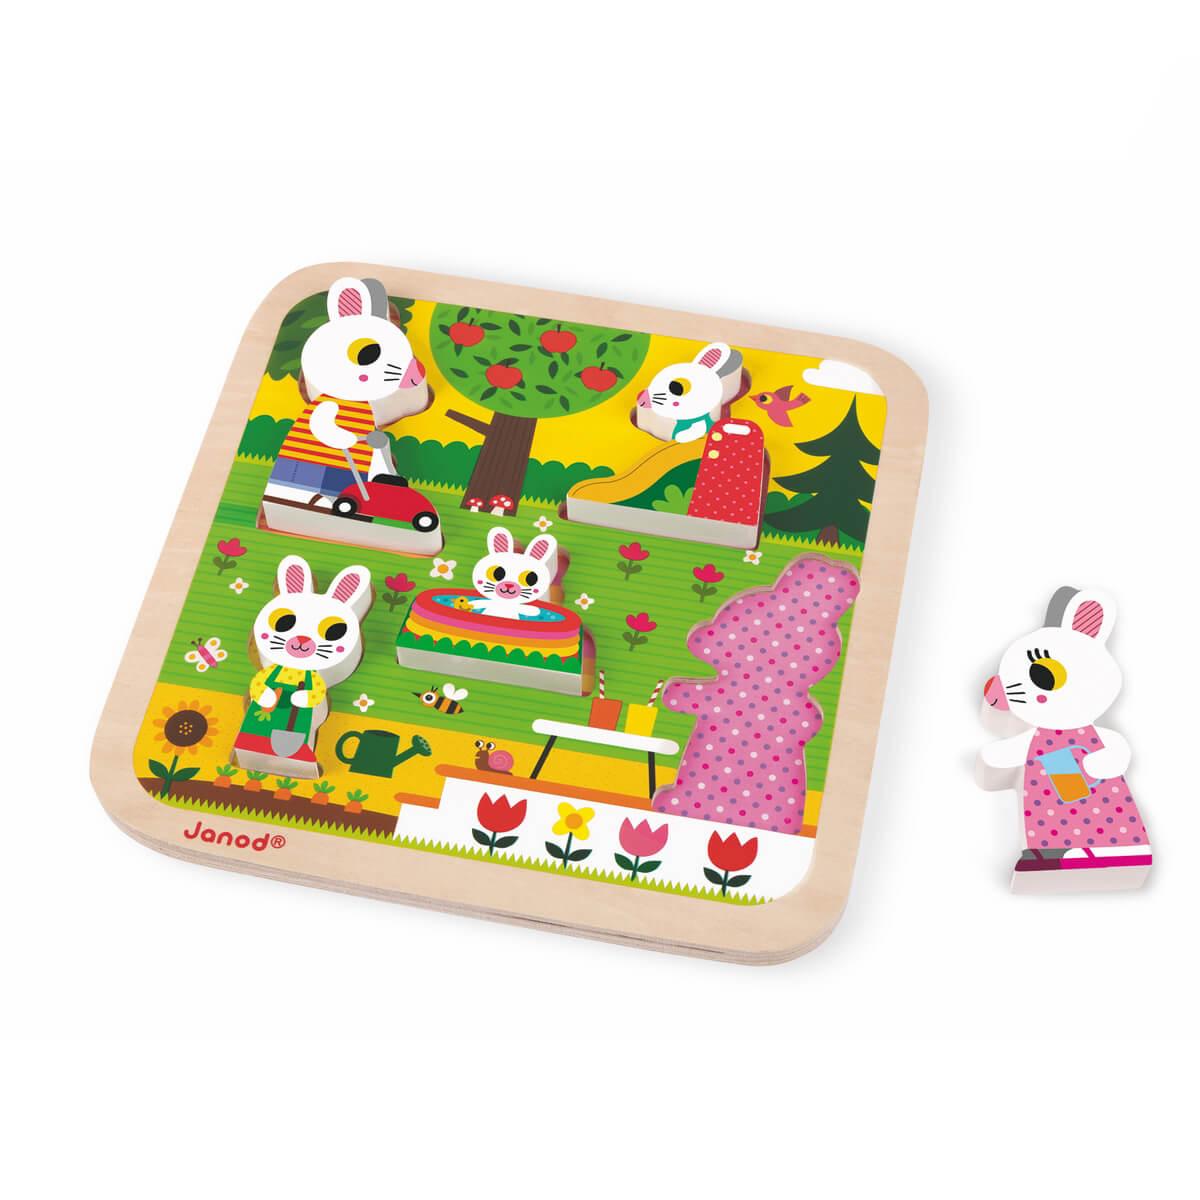 Janod Пазл для малышей Семья зайчатJ07084Все элементы пазла для малышей Janod Семья зайчат выполнены из дерева. В комплект входят пять объемных фигурок-зайчат. На деревянном основании пазла изображен сад. Задача ребенка поставить каждый вкладыш-зайчик на свое место. Благодаря тому, что фигурки объемные, их можно ставить, а значит, использовать в других играх. А тематика пазла в забавной форме помогает развить представление малыша о разных видах садовой работы. Вы можете вместе с ребенком придумать занимательные истории с этими животными, а также использовать их в своих рисунках. Для этого приложите вкладыш к листу бумаги и обведите, а потом раскрасьте. Порадуйте своего ребенка забавными фигурками милых зайчат!